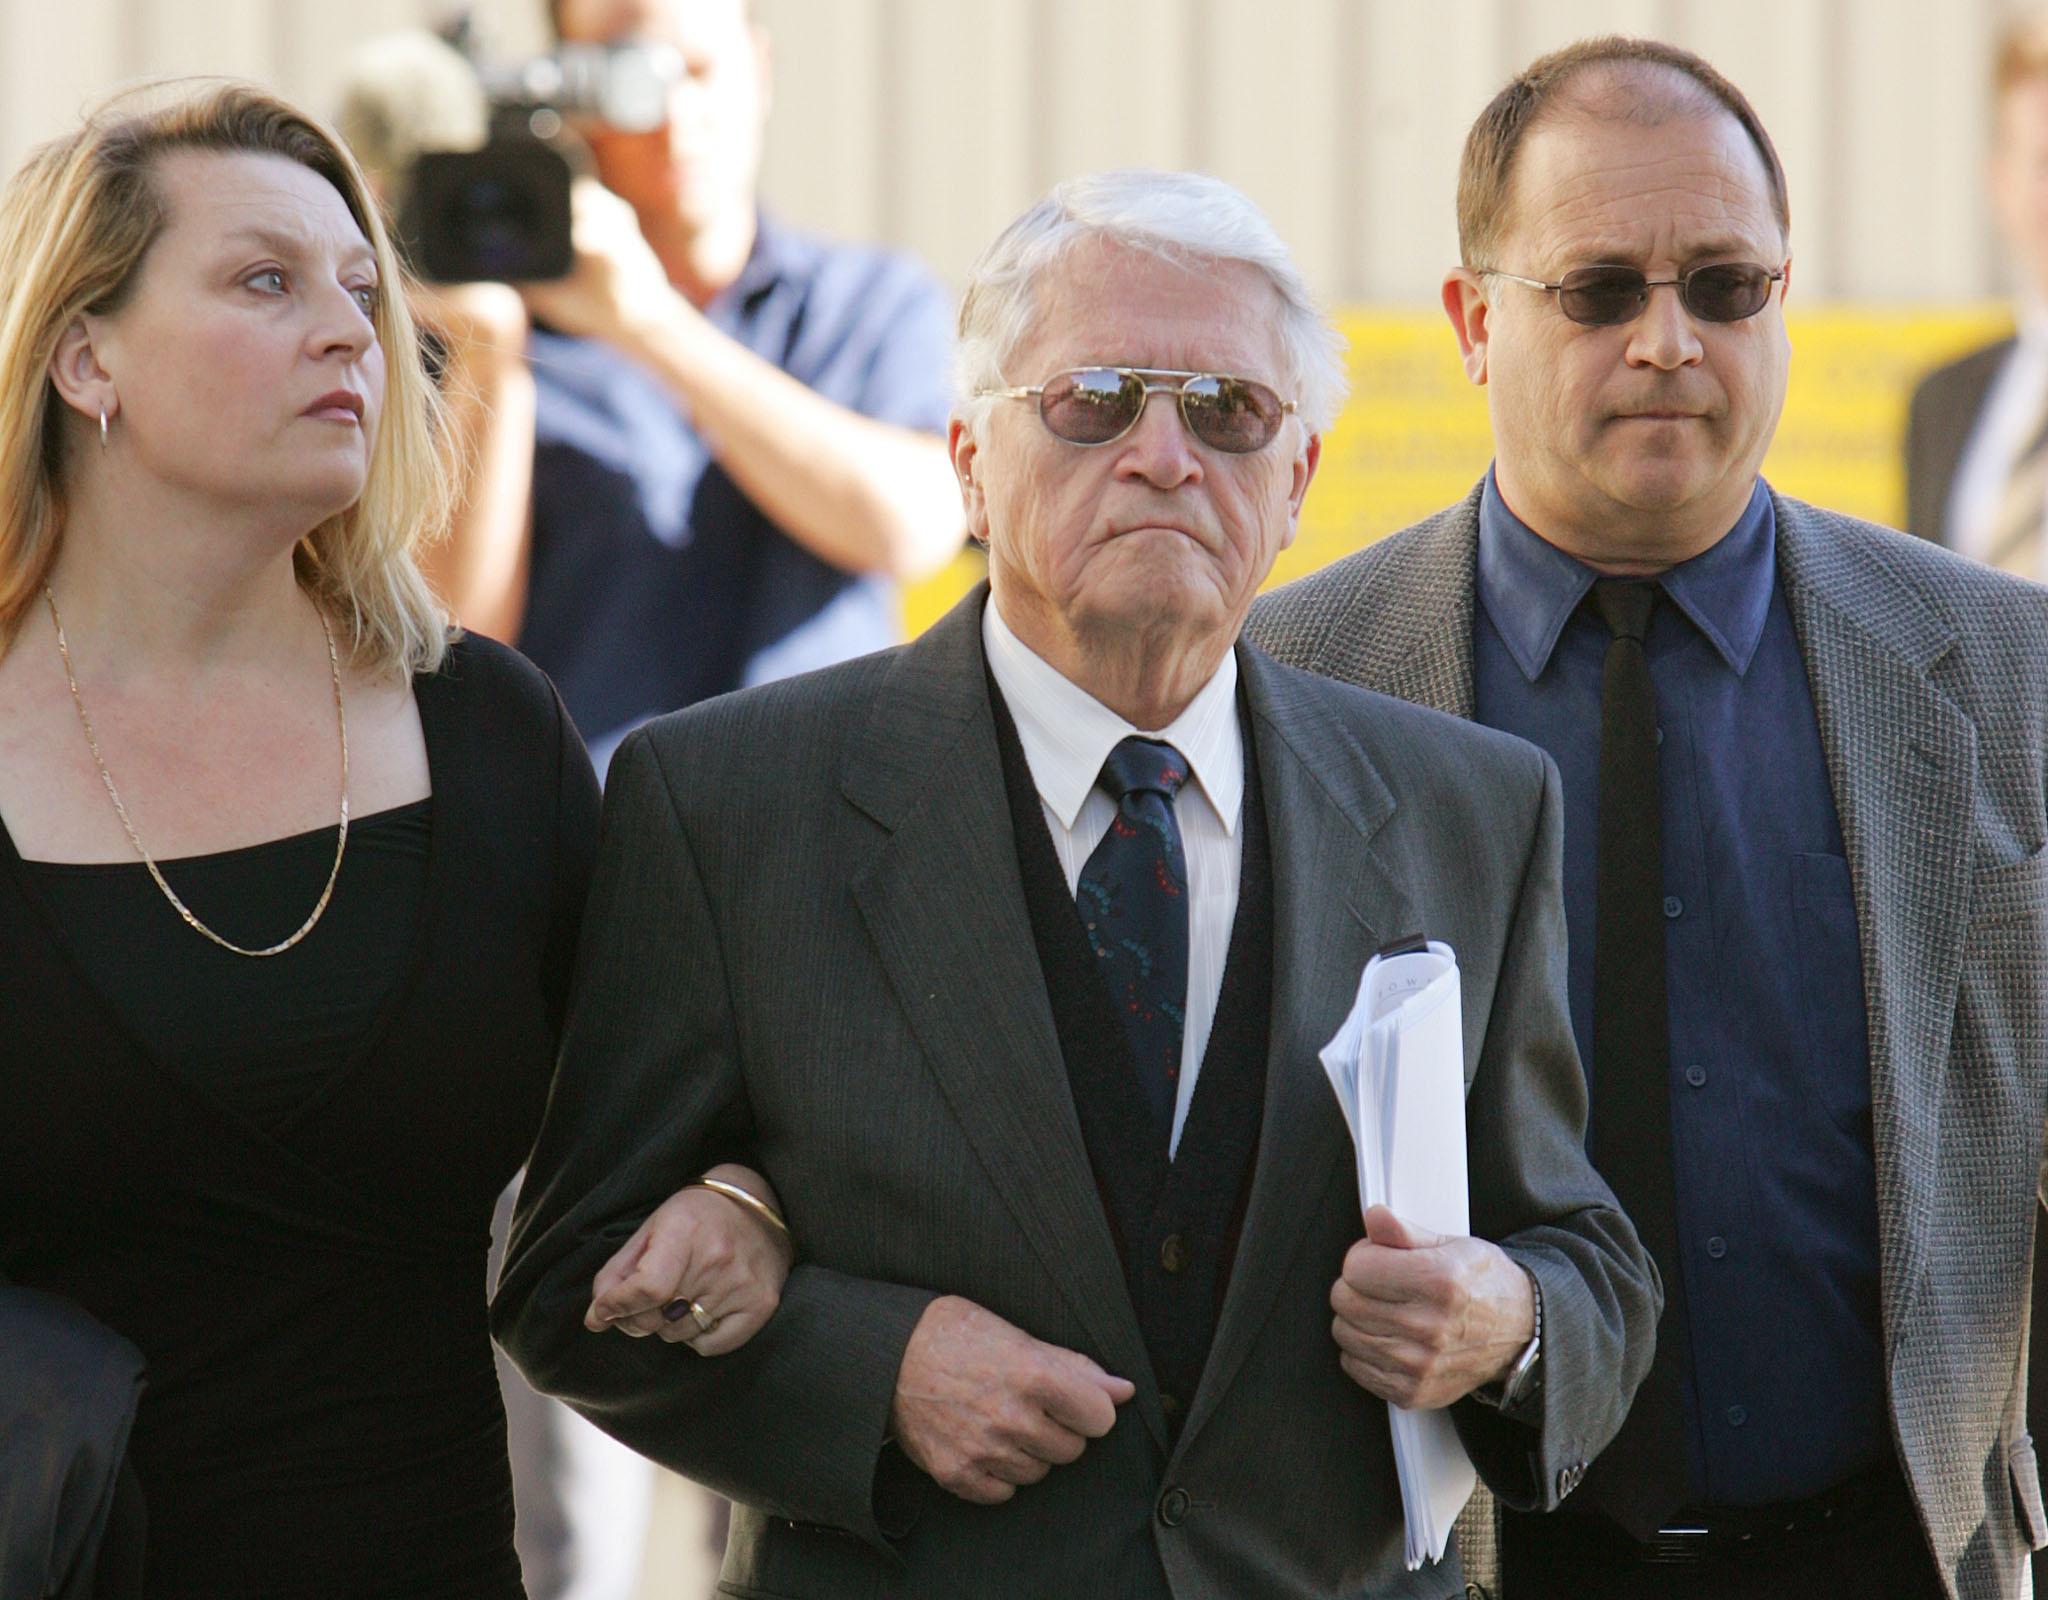 Unul dintre cei mai cautati zece criminali nazisti din lume a fost salvat de justitia din Australia